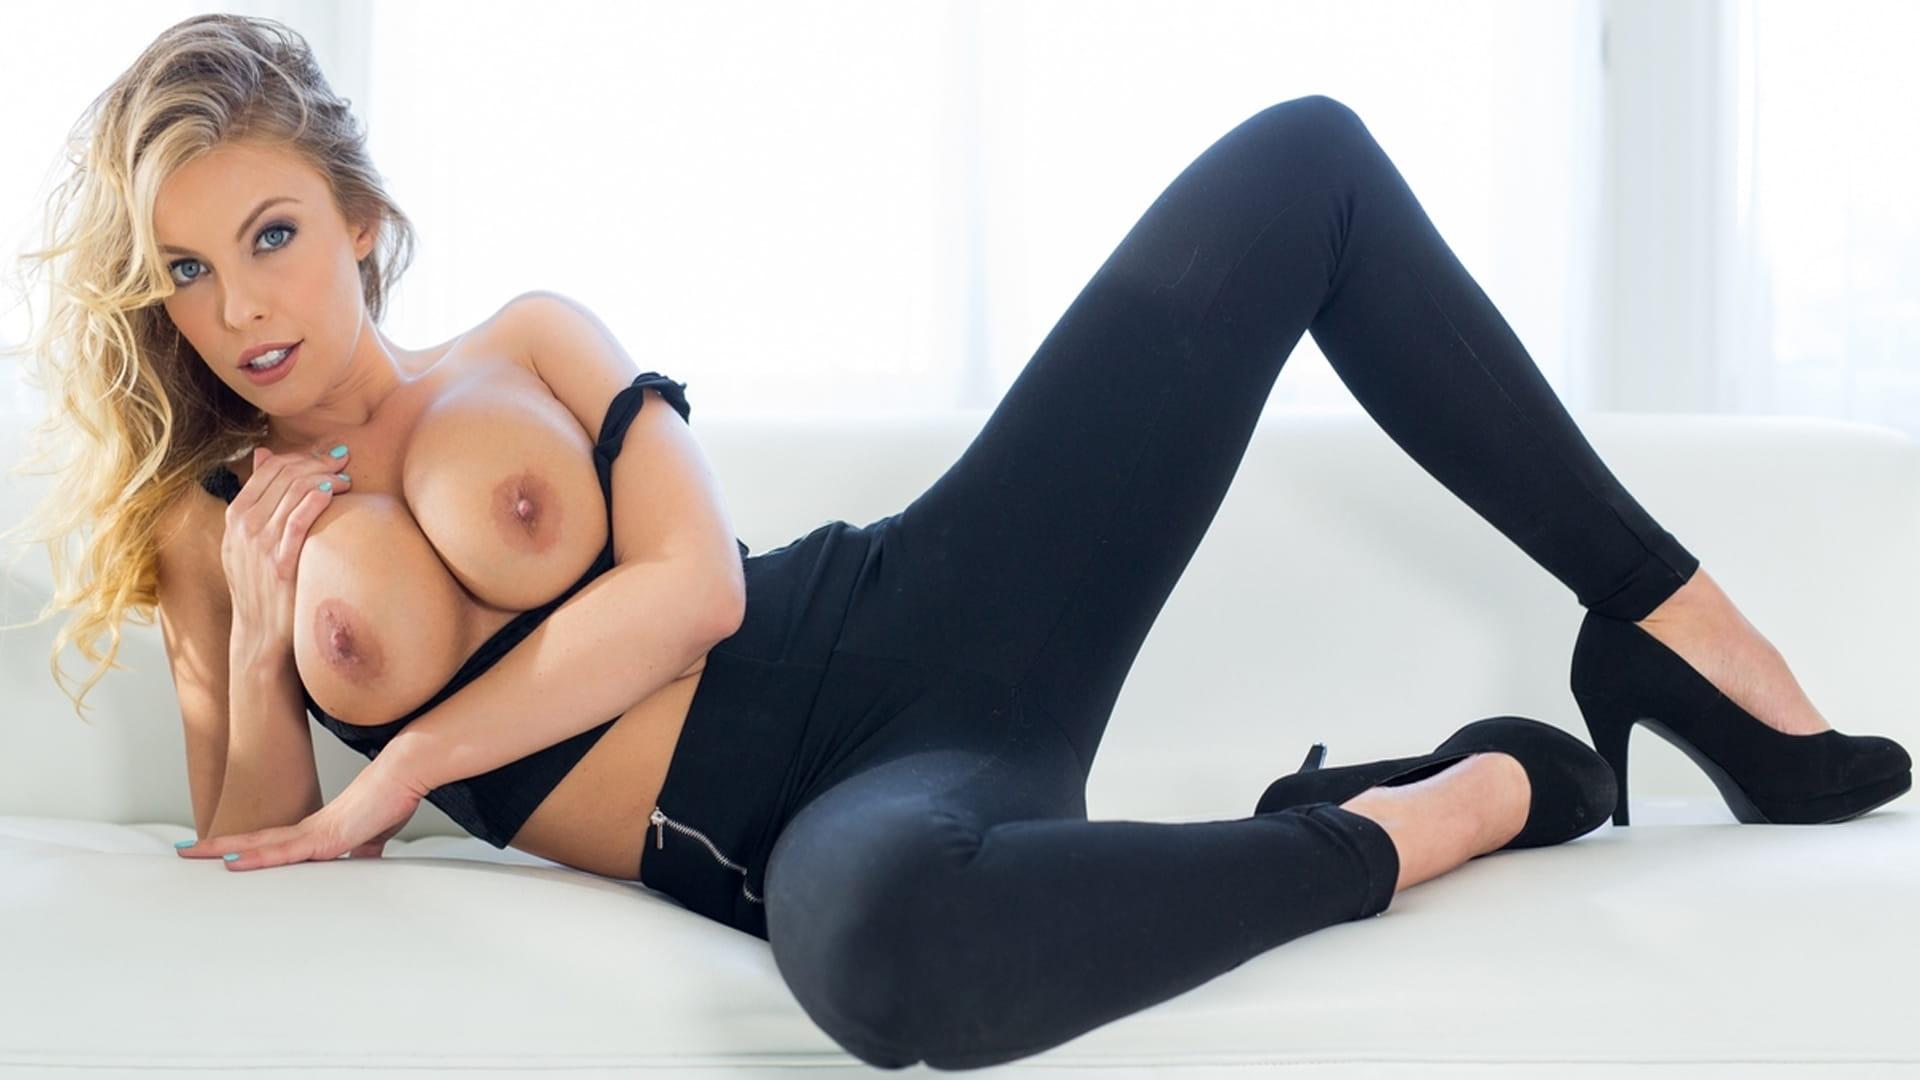 Nicht nackt Sexy Nackte Bilder